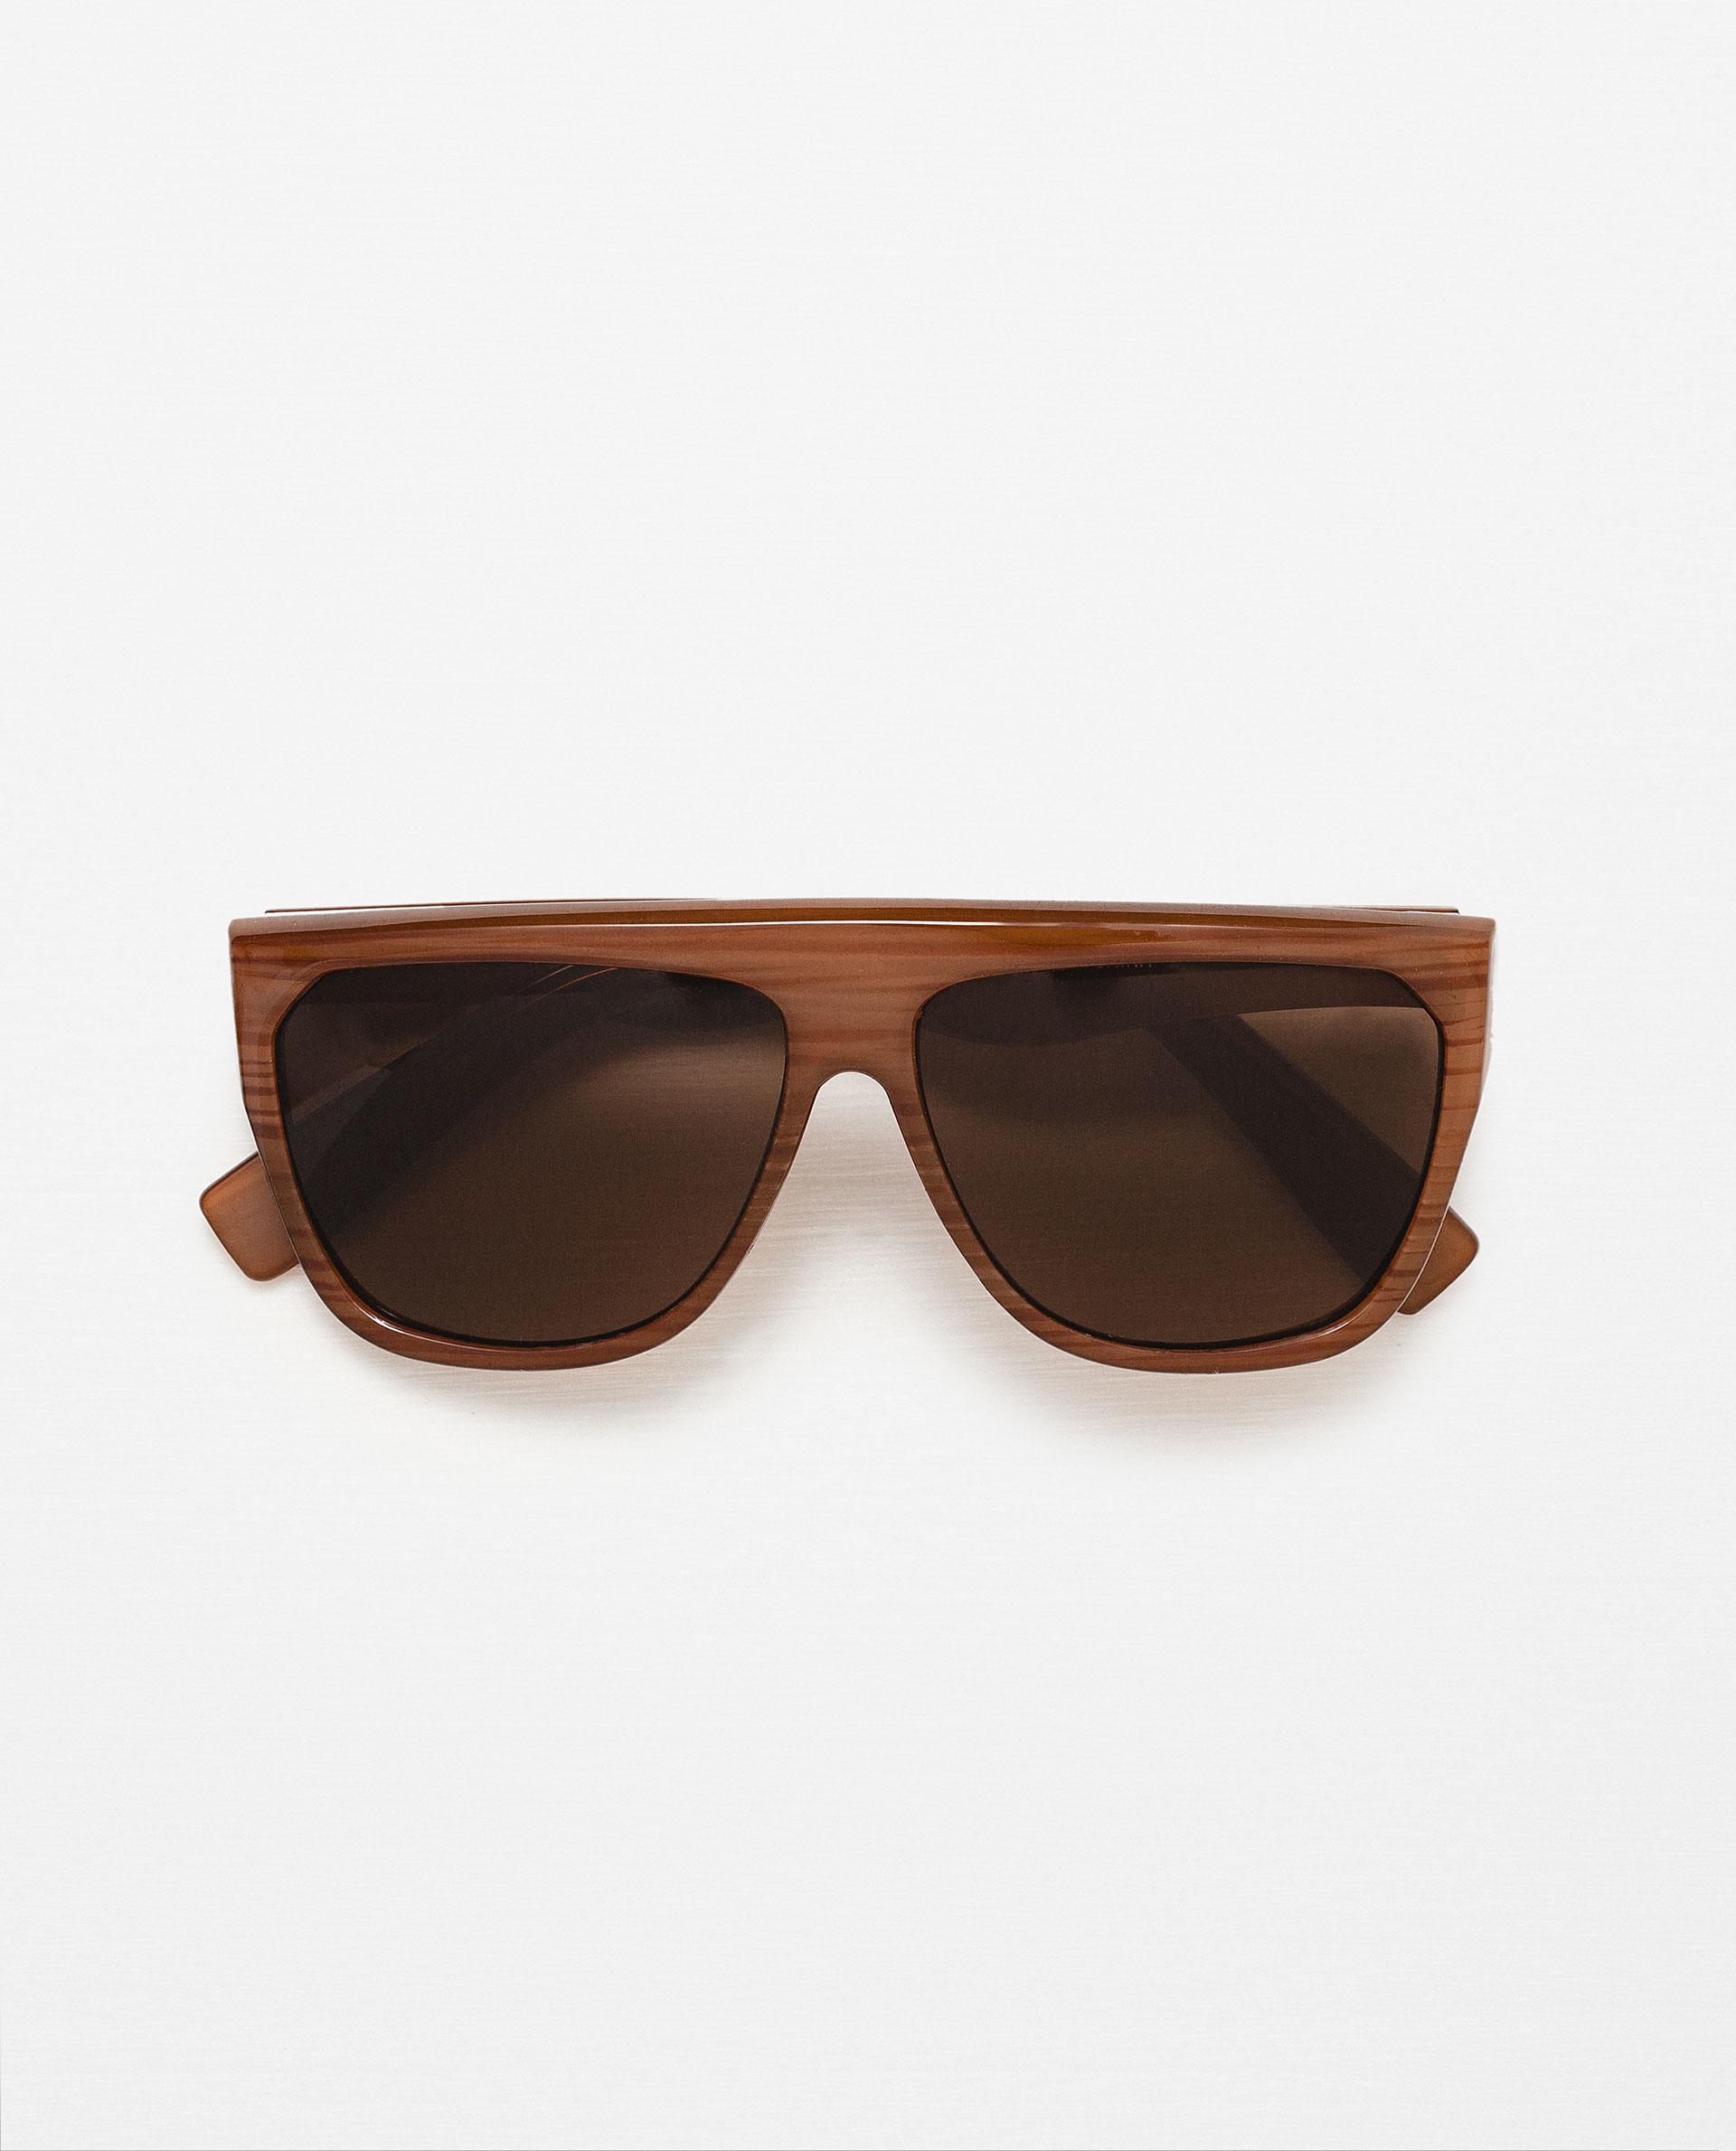 Zara Glasses Frames : Zara Sunglasses With Resin Frame Lyst